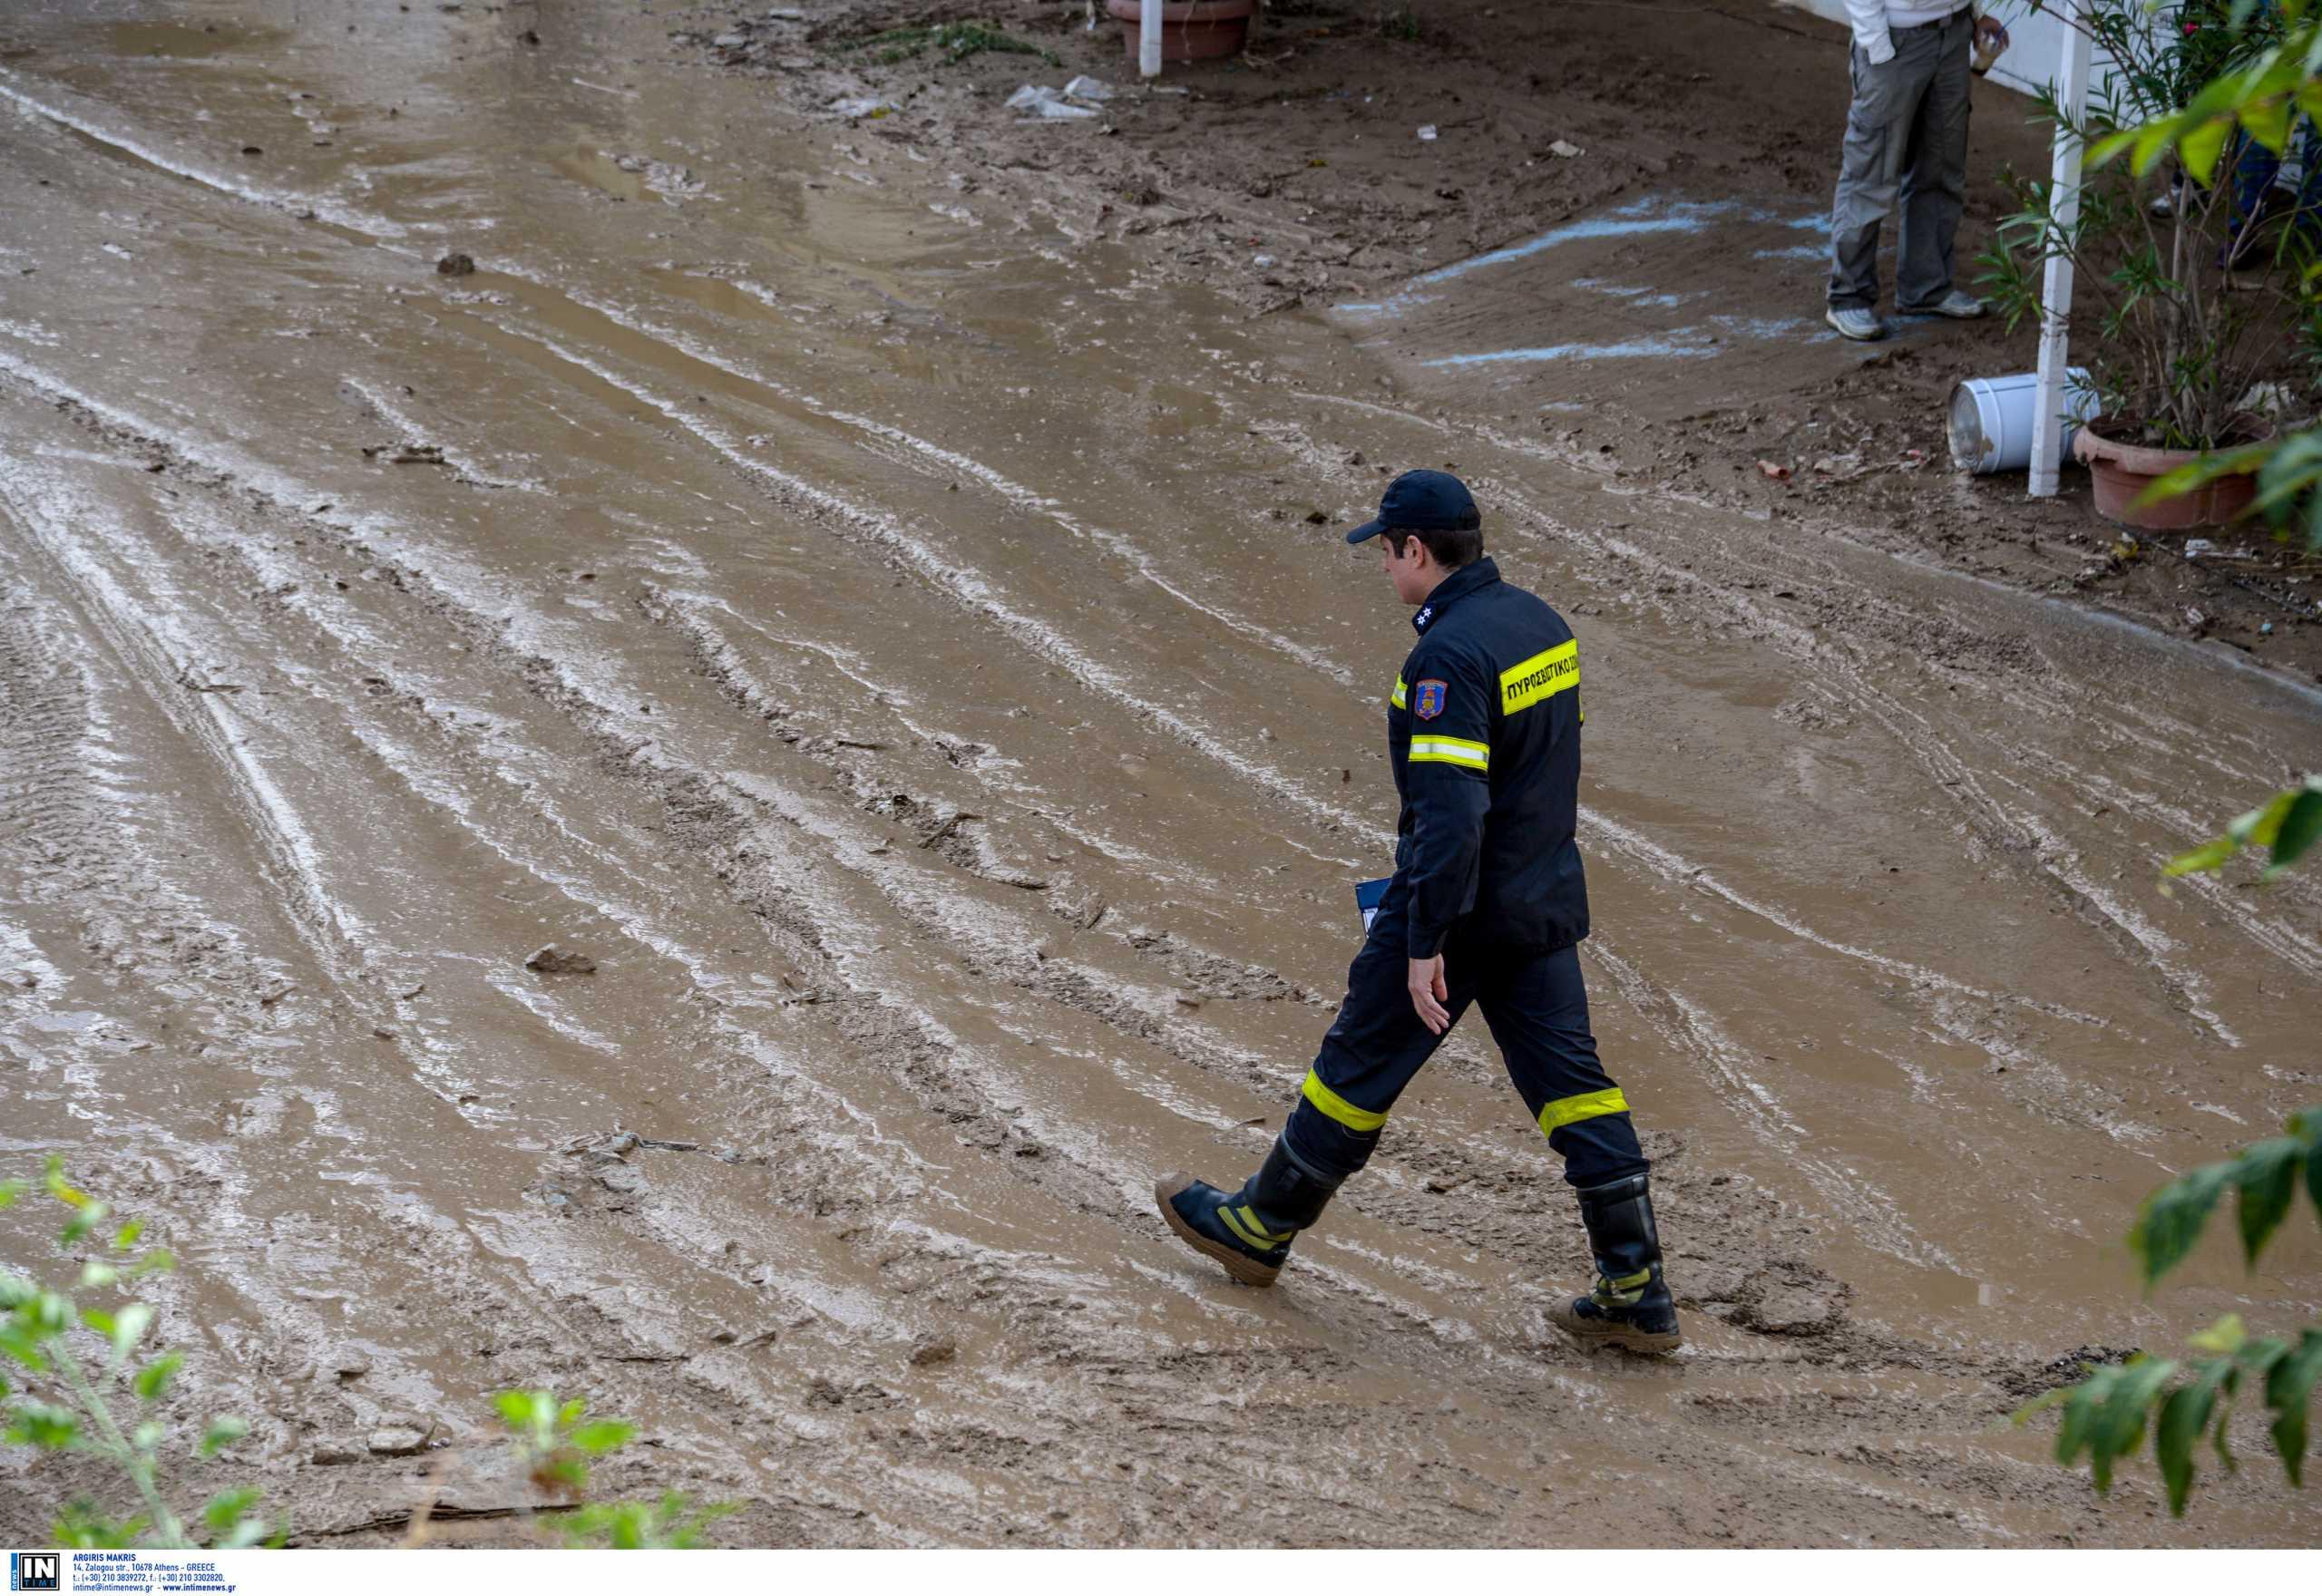 Πλημμύρες στην Αγχίαλο από τη δυνατή νεροποντή – Εγκλωβισμένοι άνθρωποι σε αυτοκίνητο